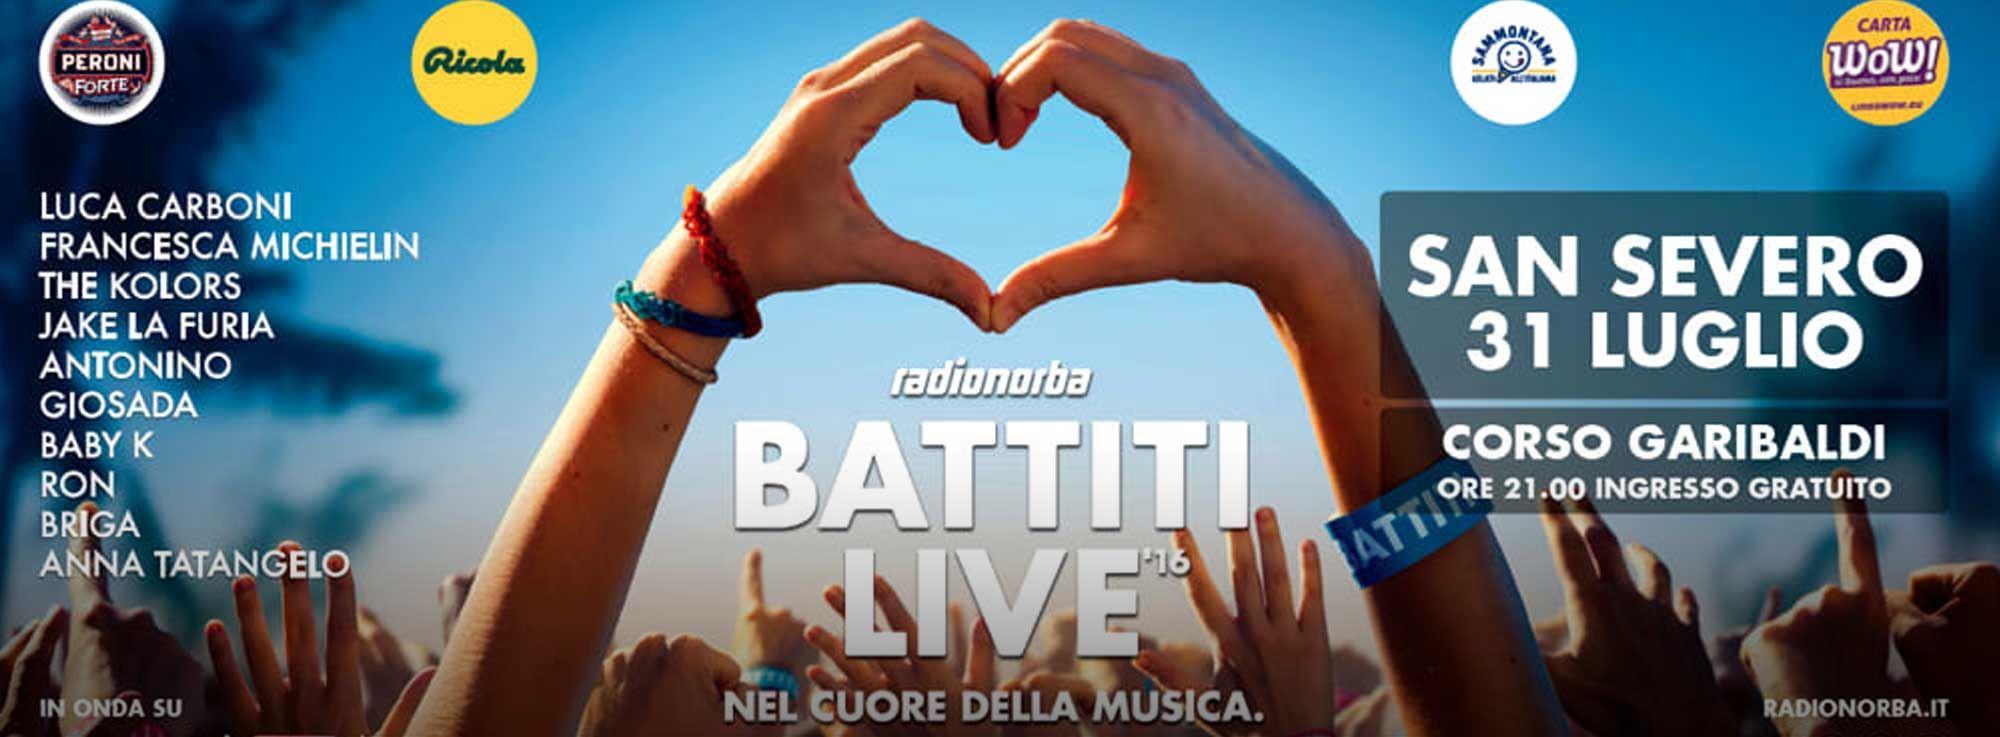 San Severo: Radionorba Battiti Live